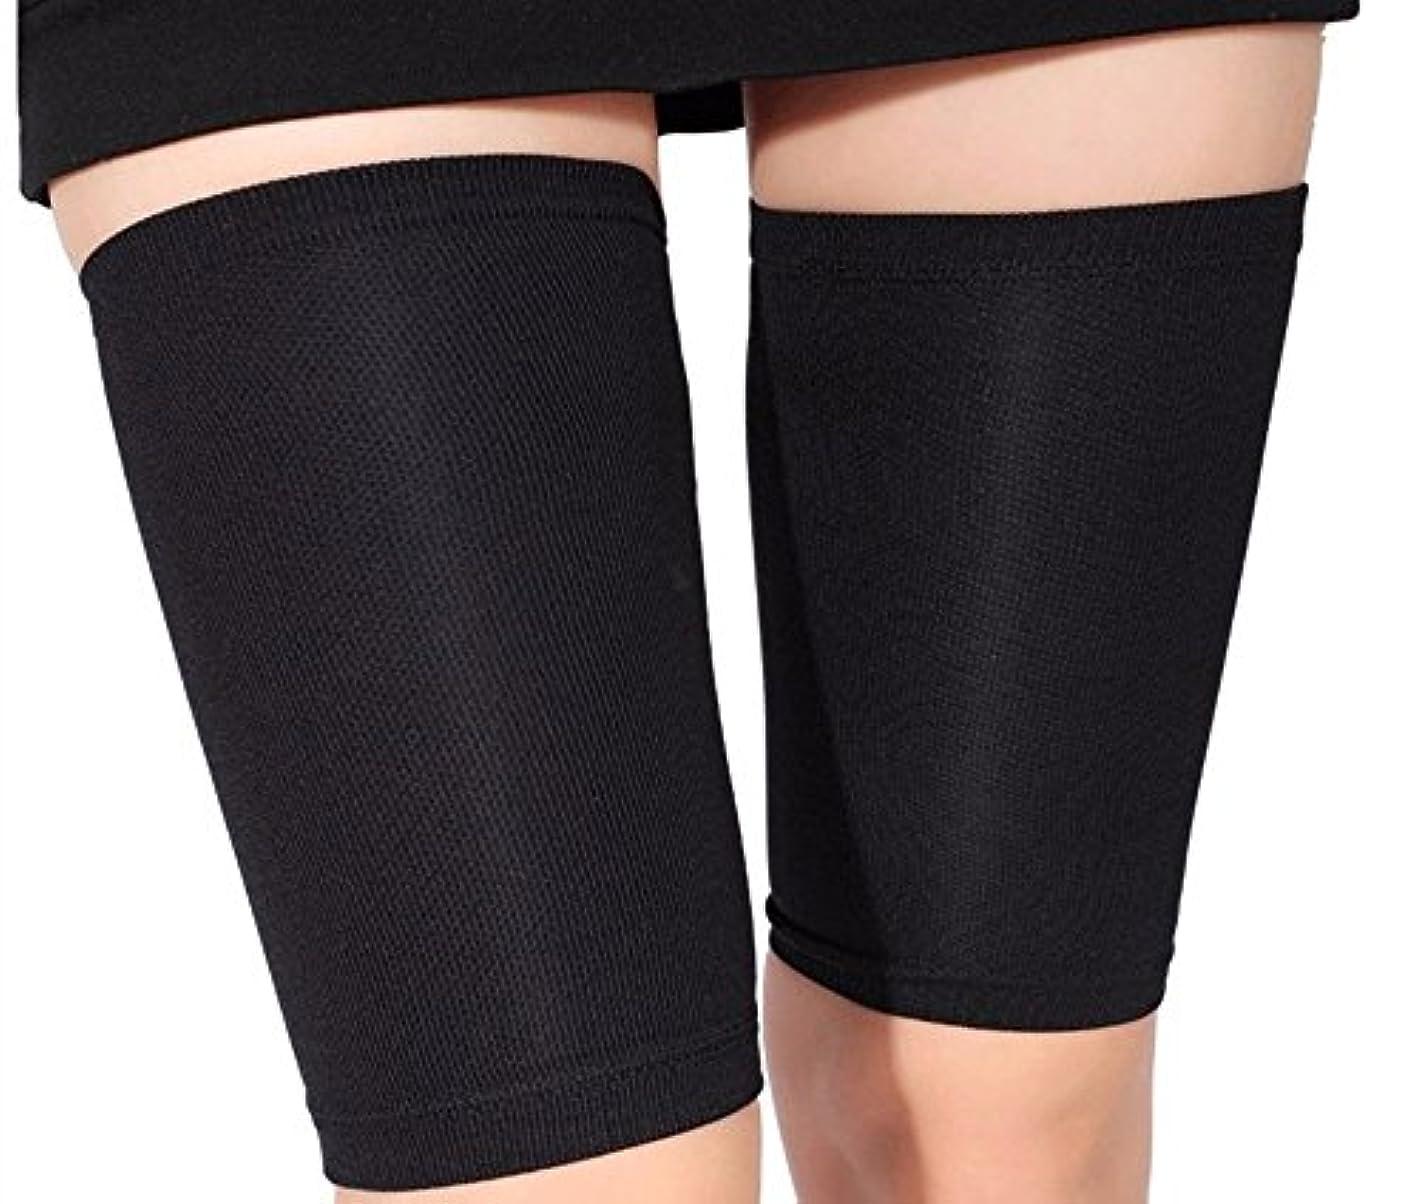 折戦闘脅威太もも燃焼 むくみ セルライト 除去 婦人科系 に作用 両足セット